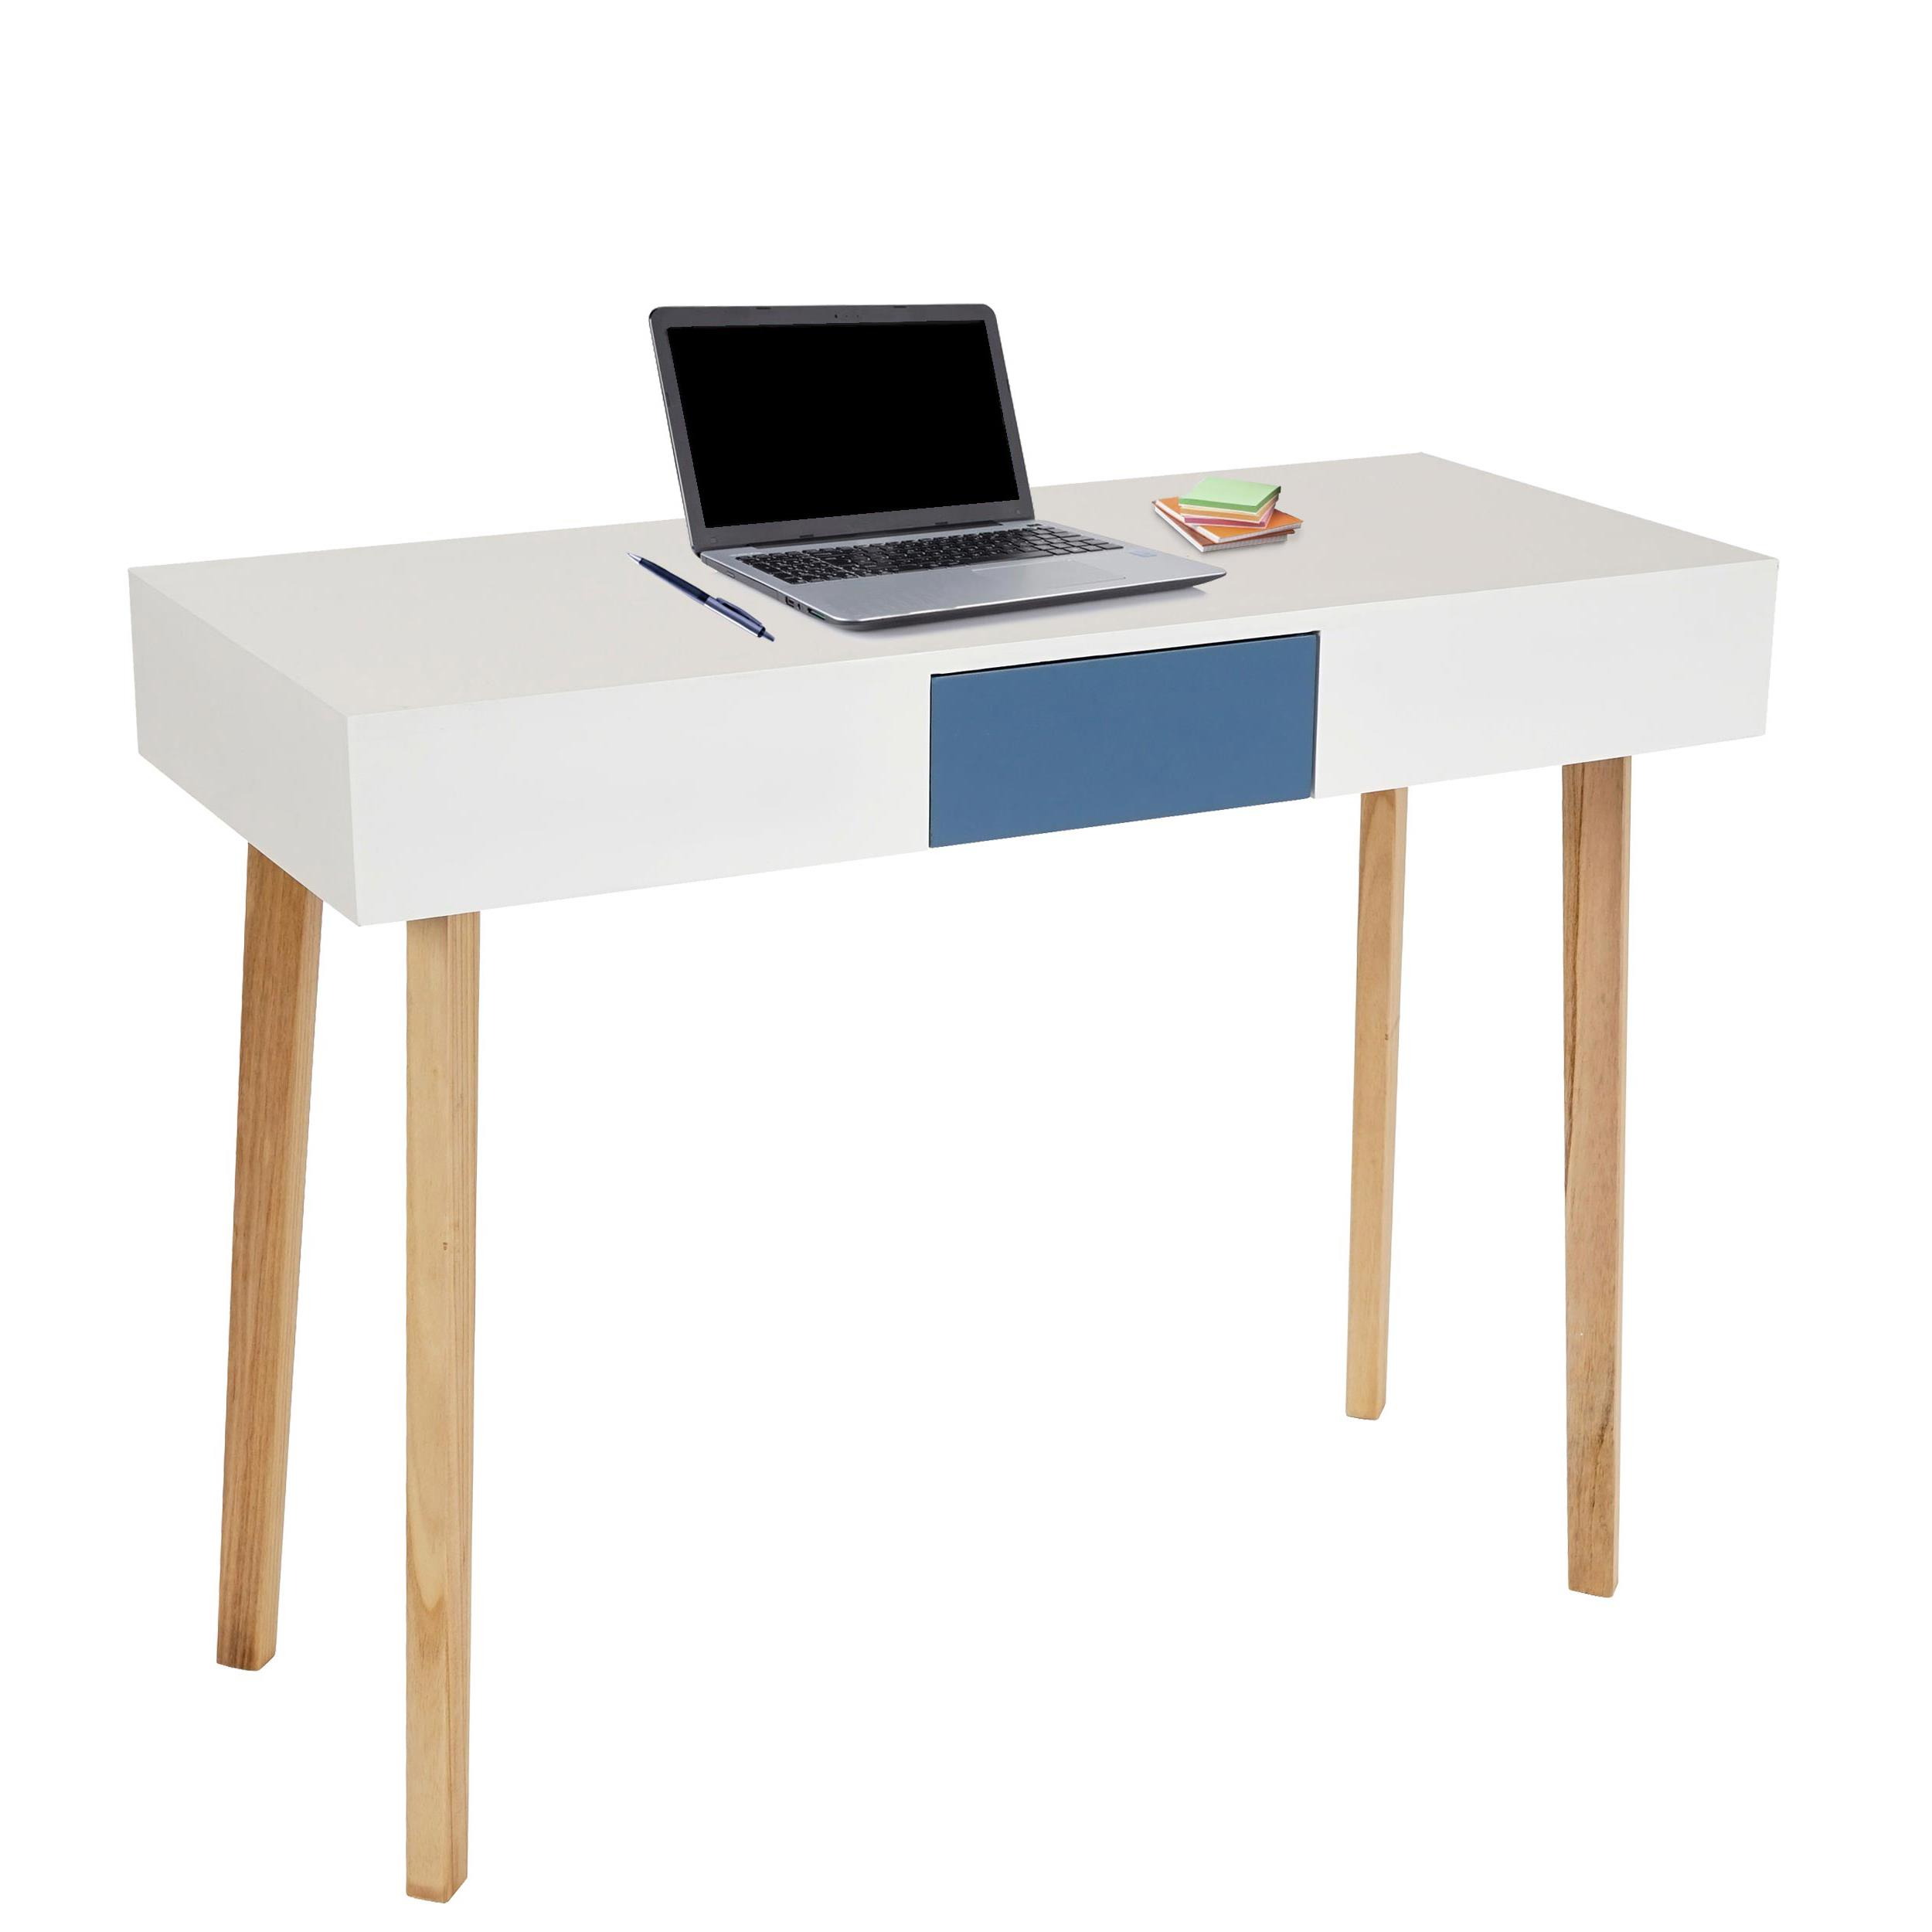 tavolo per computer conel ripiano in legno bianco cm